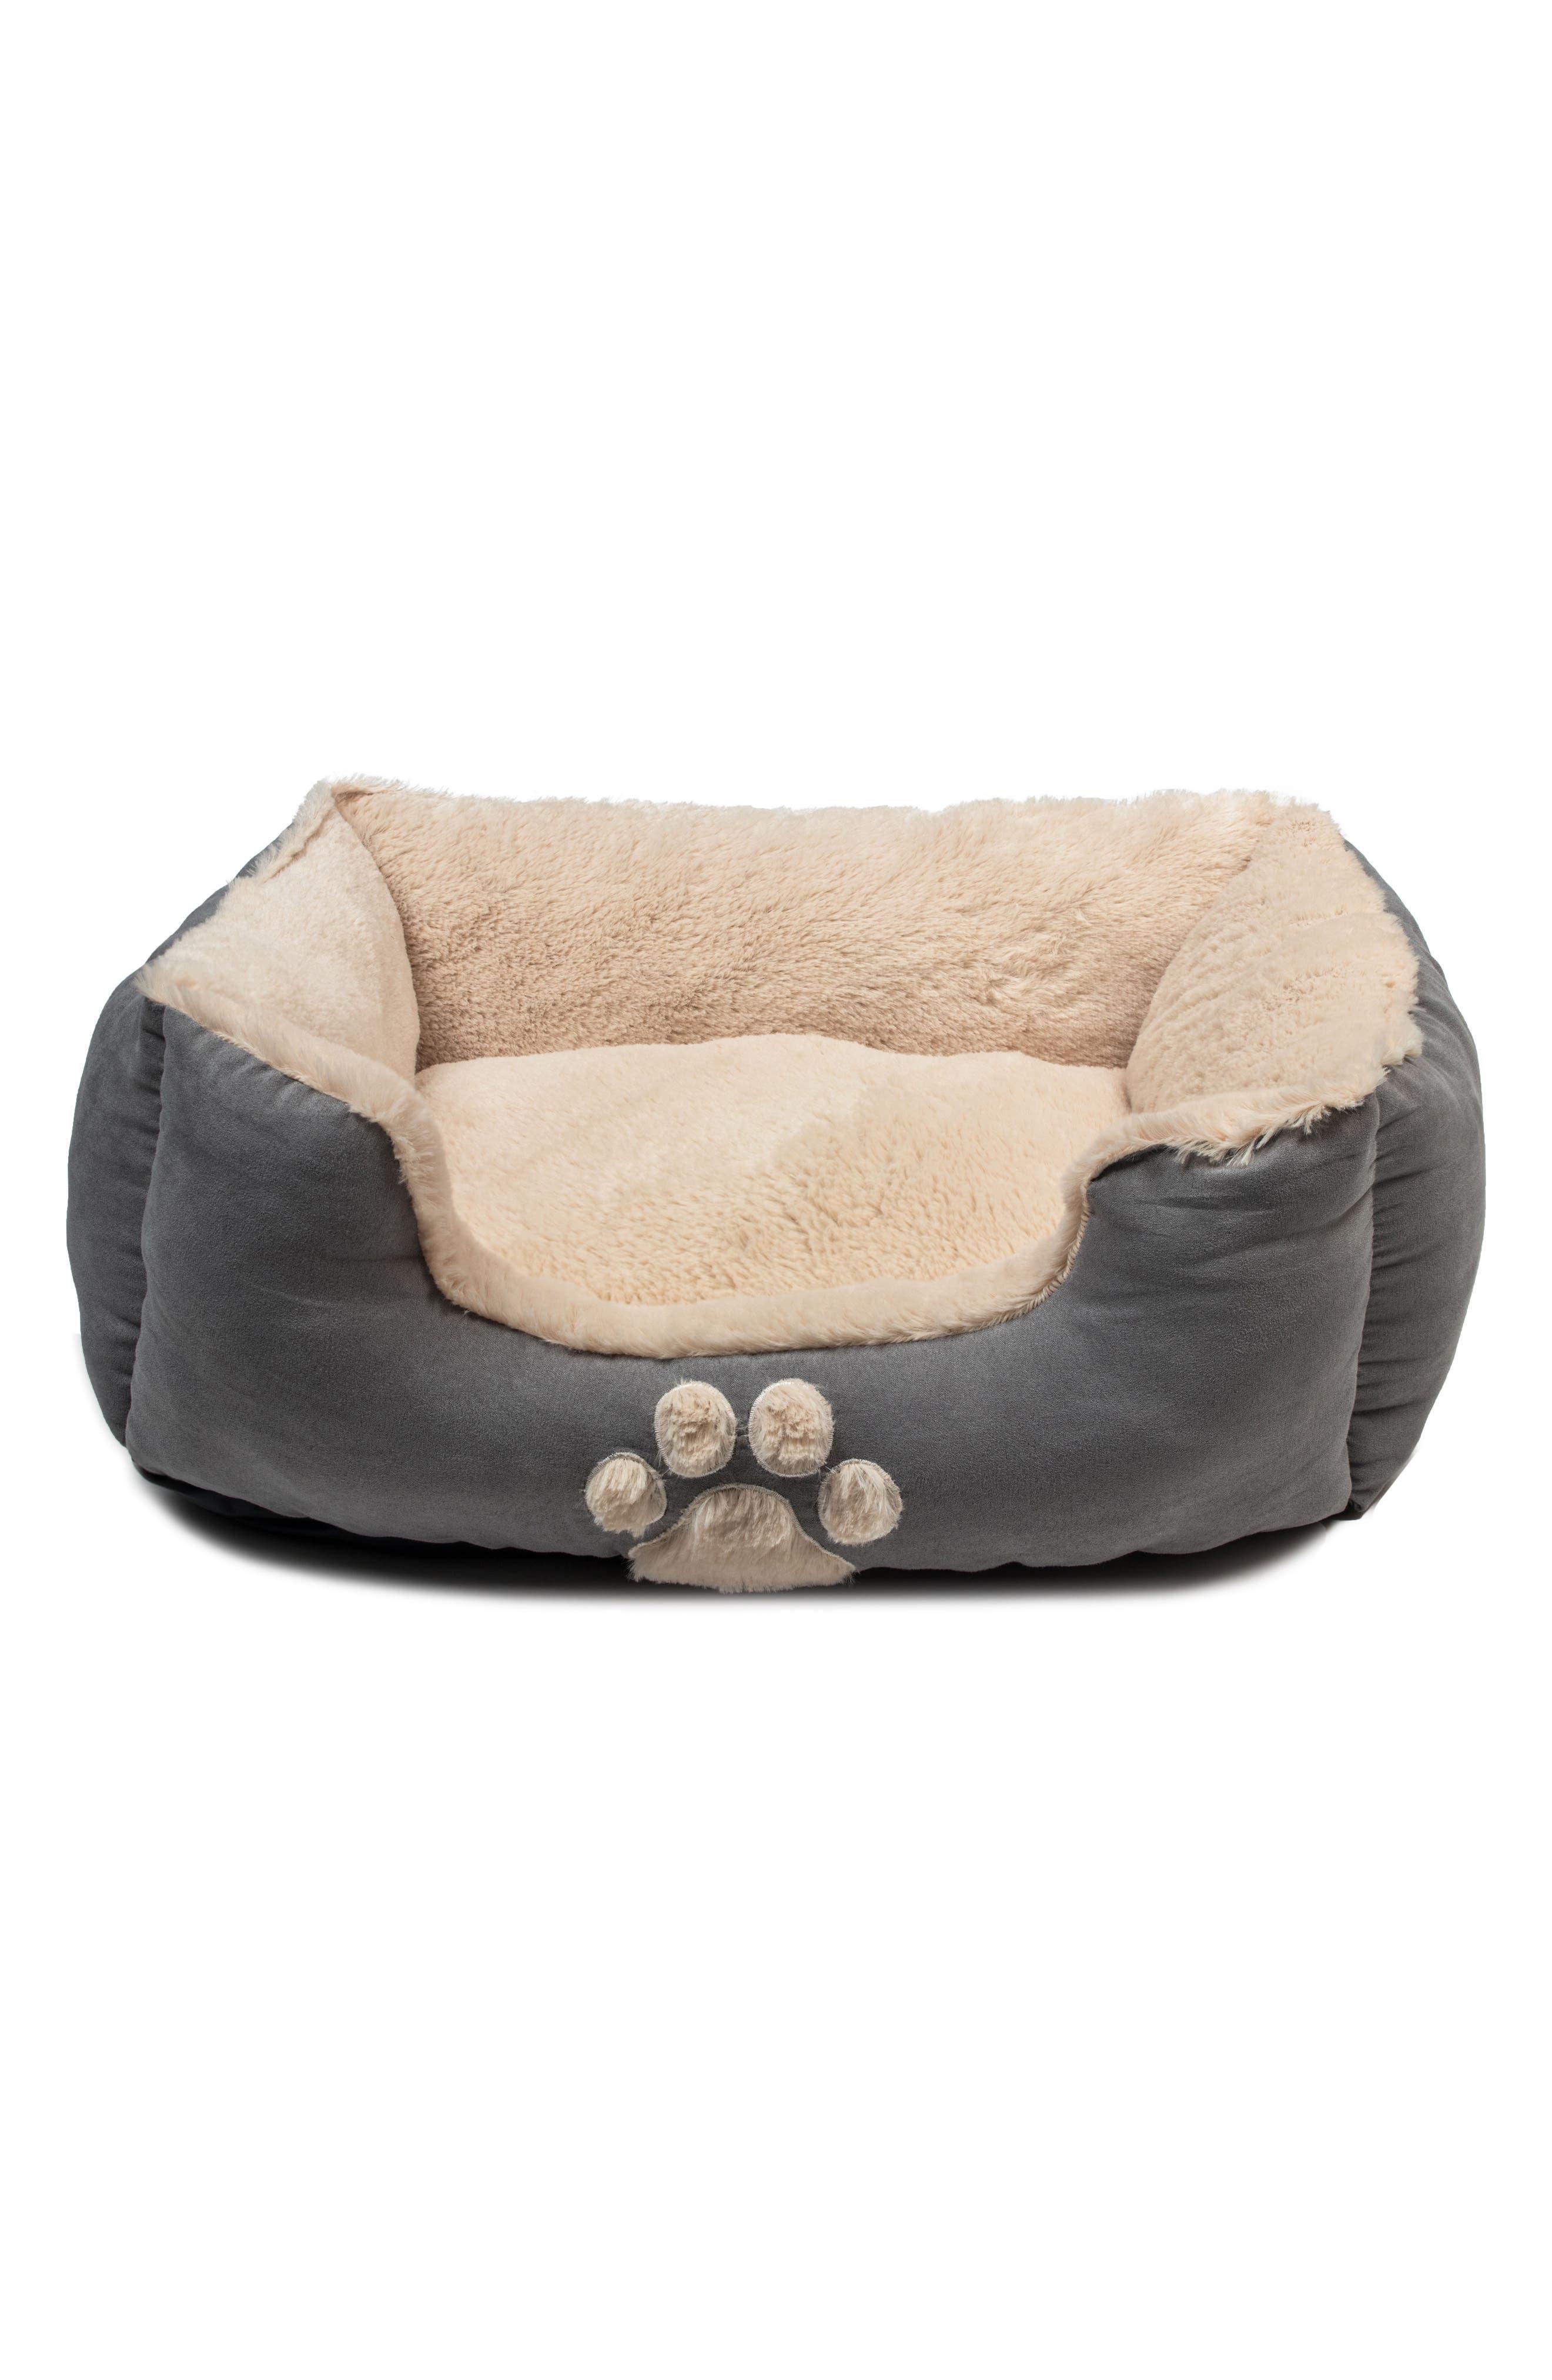 Roxi Square Pet Bed,                             Main thumbnail 1, color,                             SLATE BLUE